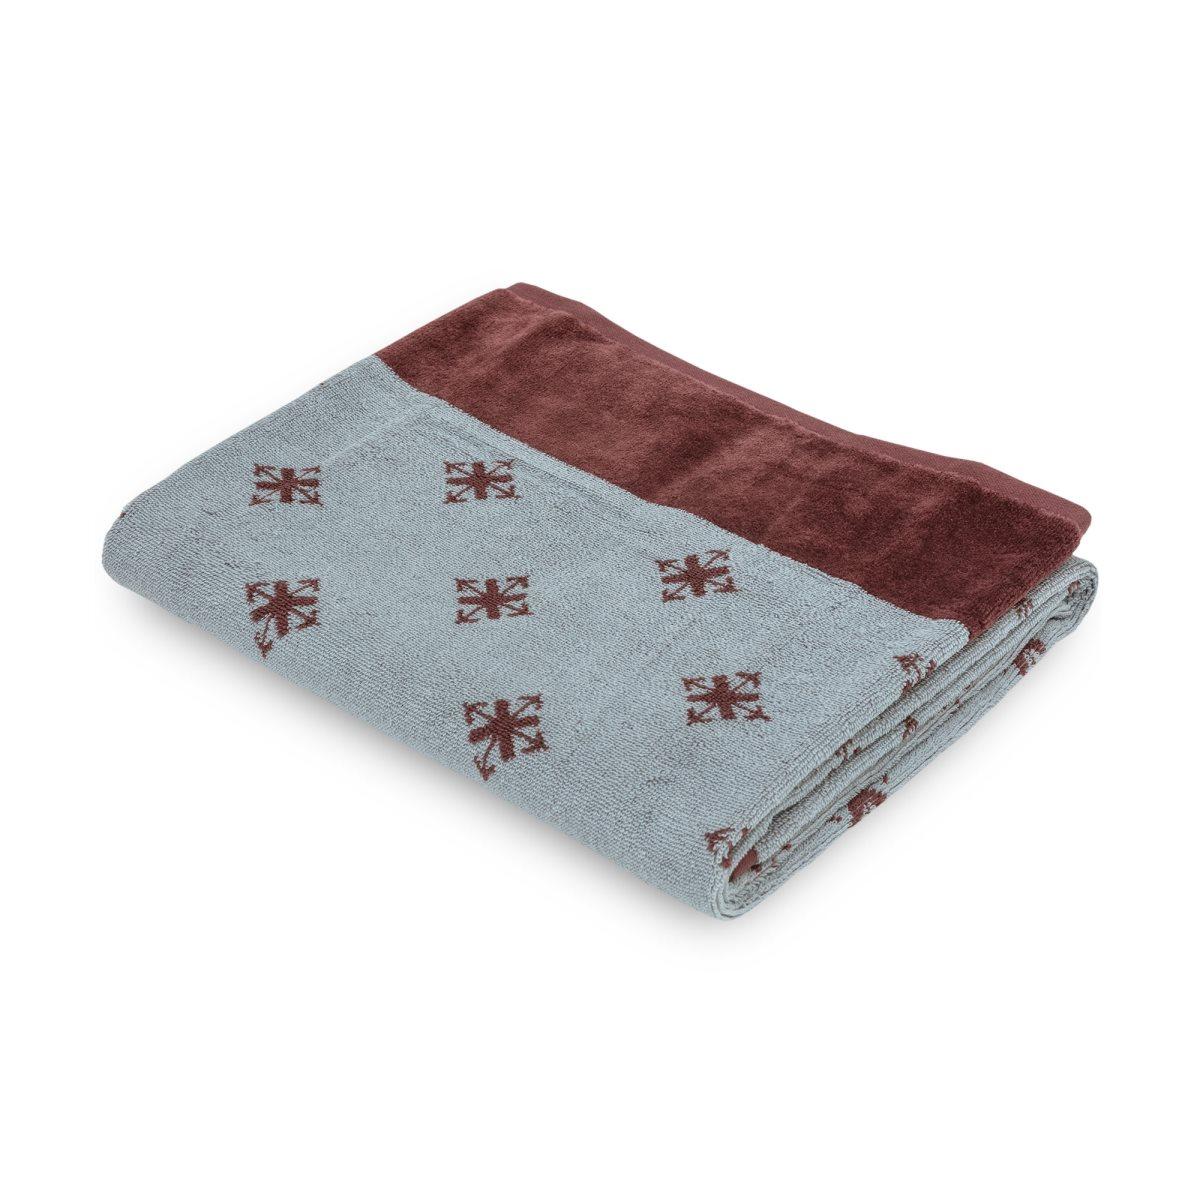 hl-bathtowels